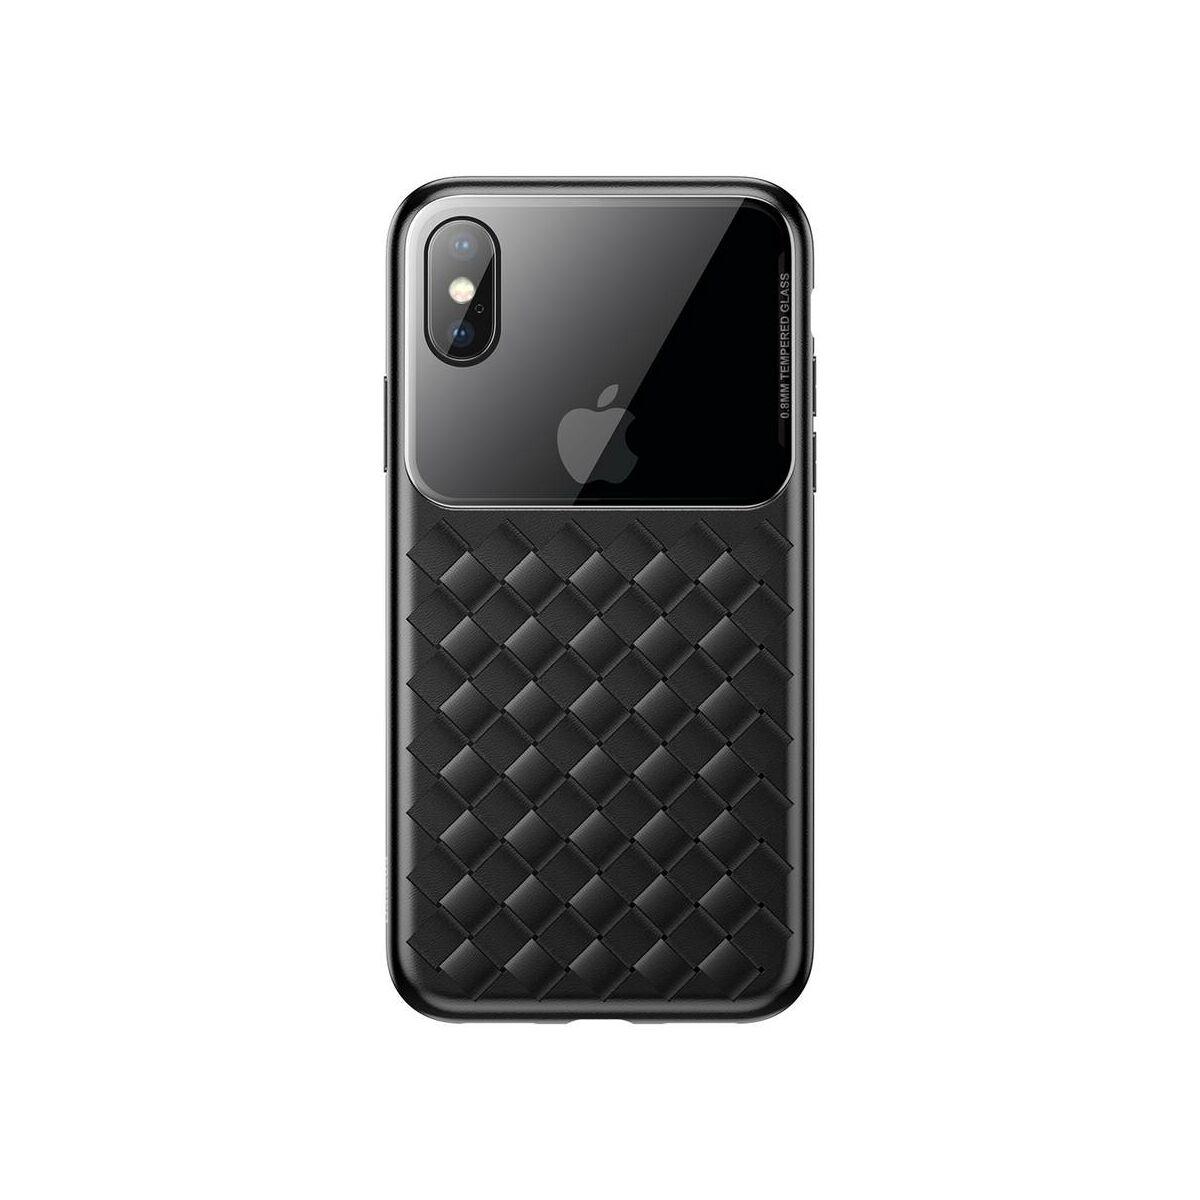 Baseus iPhone XS Max üveg & tok, BV Weaving, fekete (WIAPIPH65-BL01)